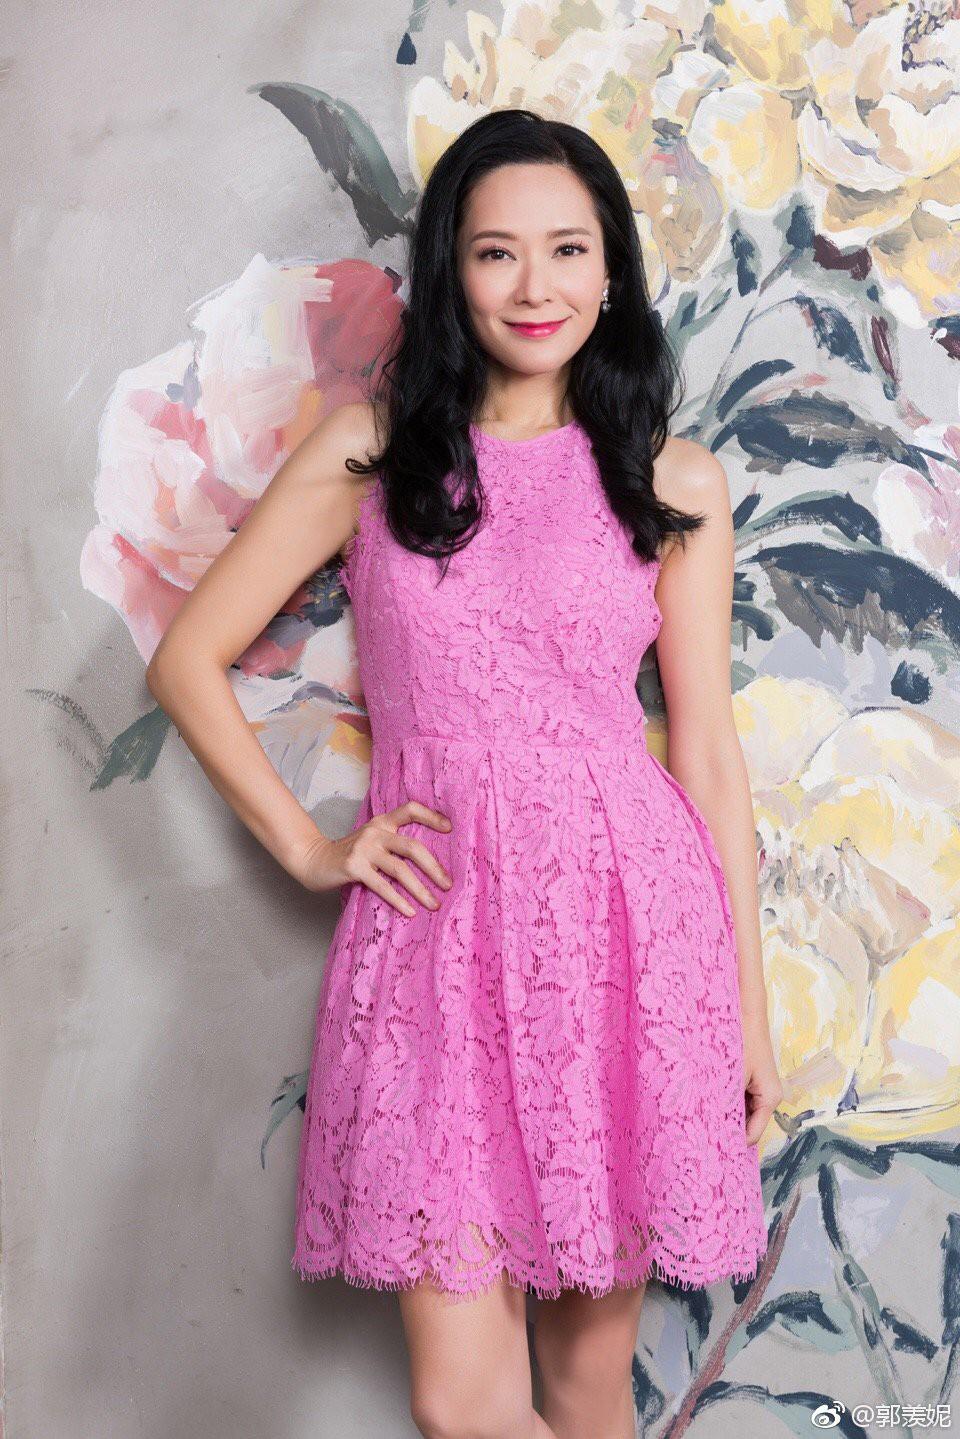 Hoa hậu Hong Kong từng phá thai vì đóng phim gây bất ngờ với nhan sắc tuổi 45 - Ảnh 8.